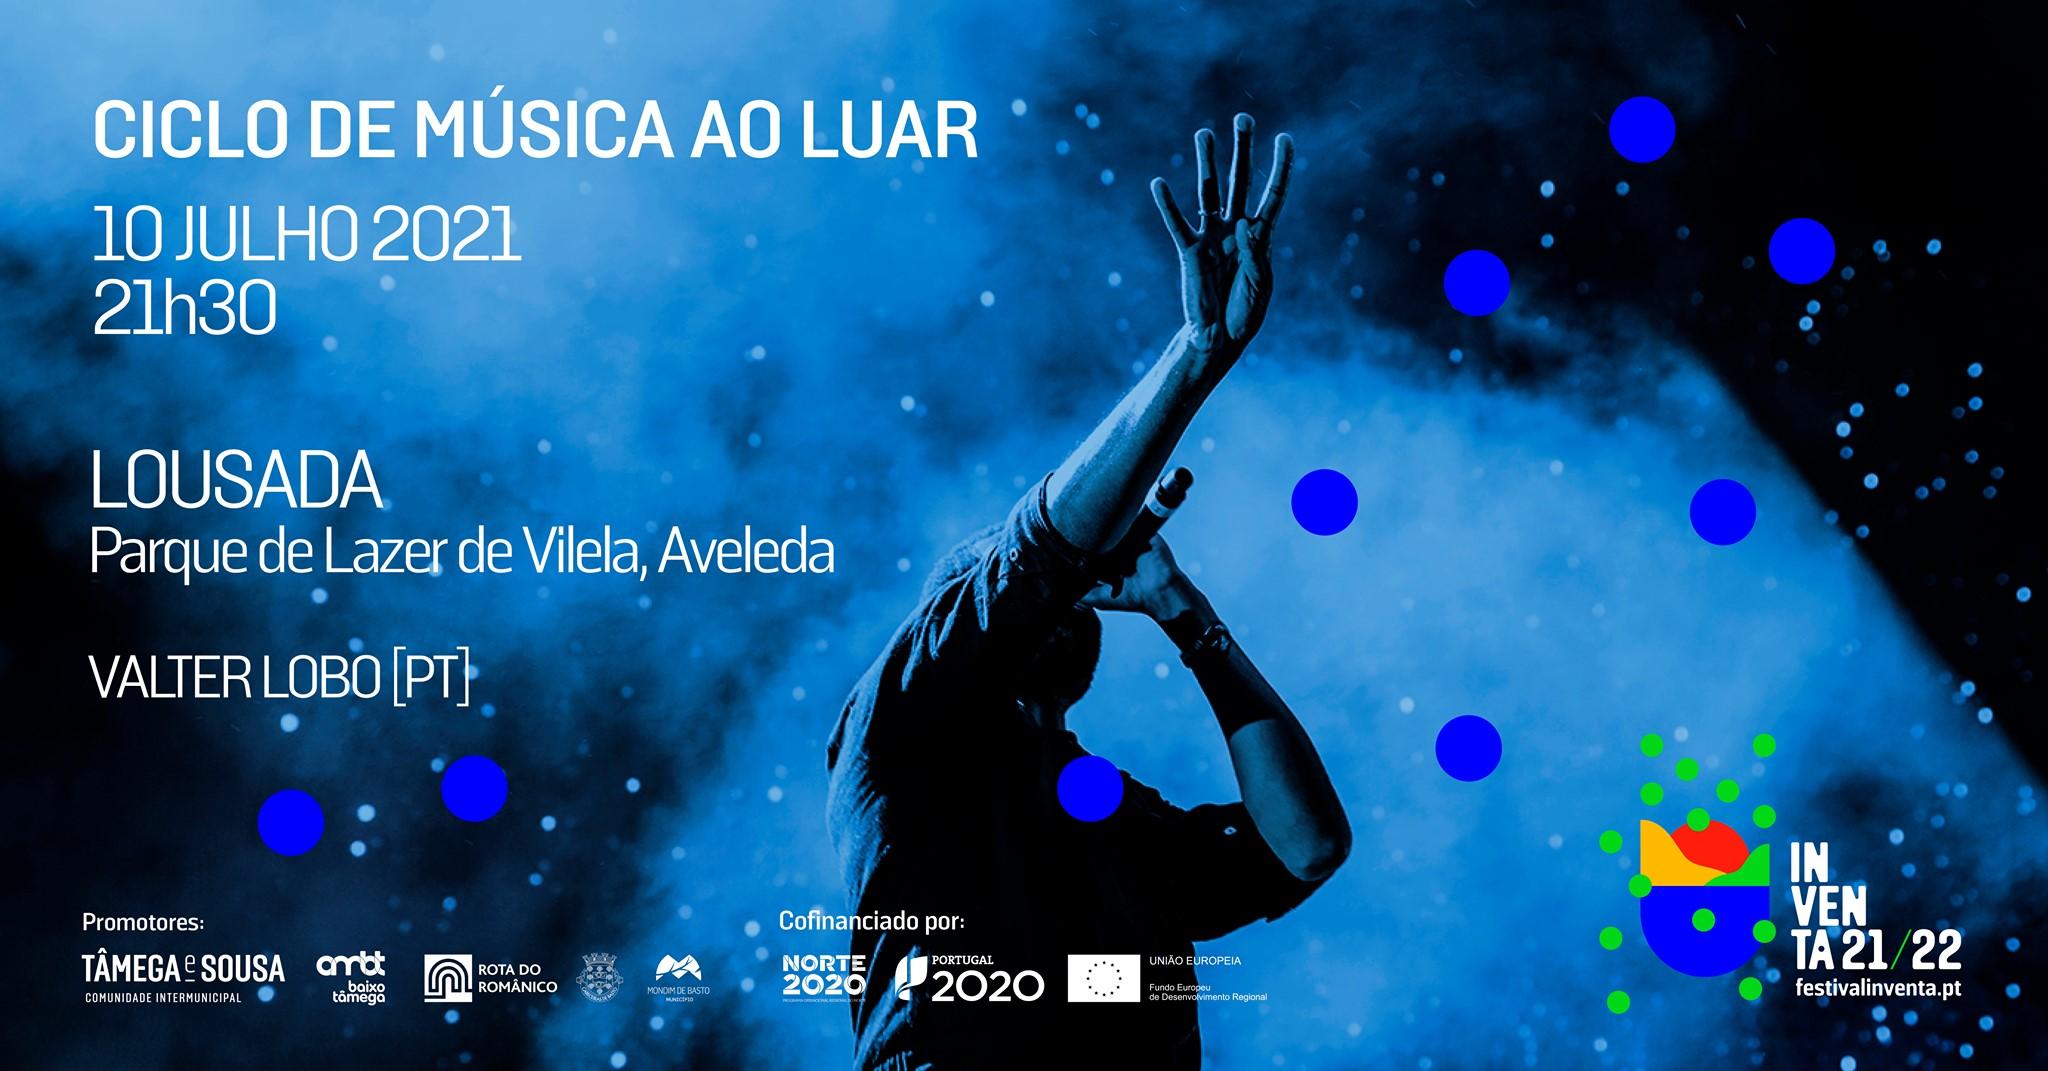 Valter Lobo - Ciclo de música ao luar - Lousada